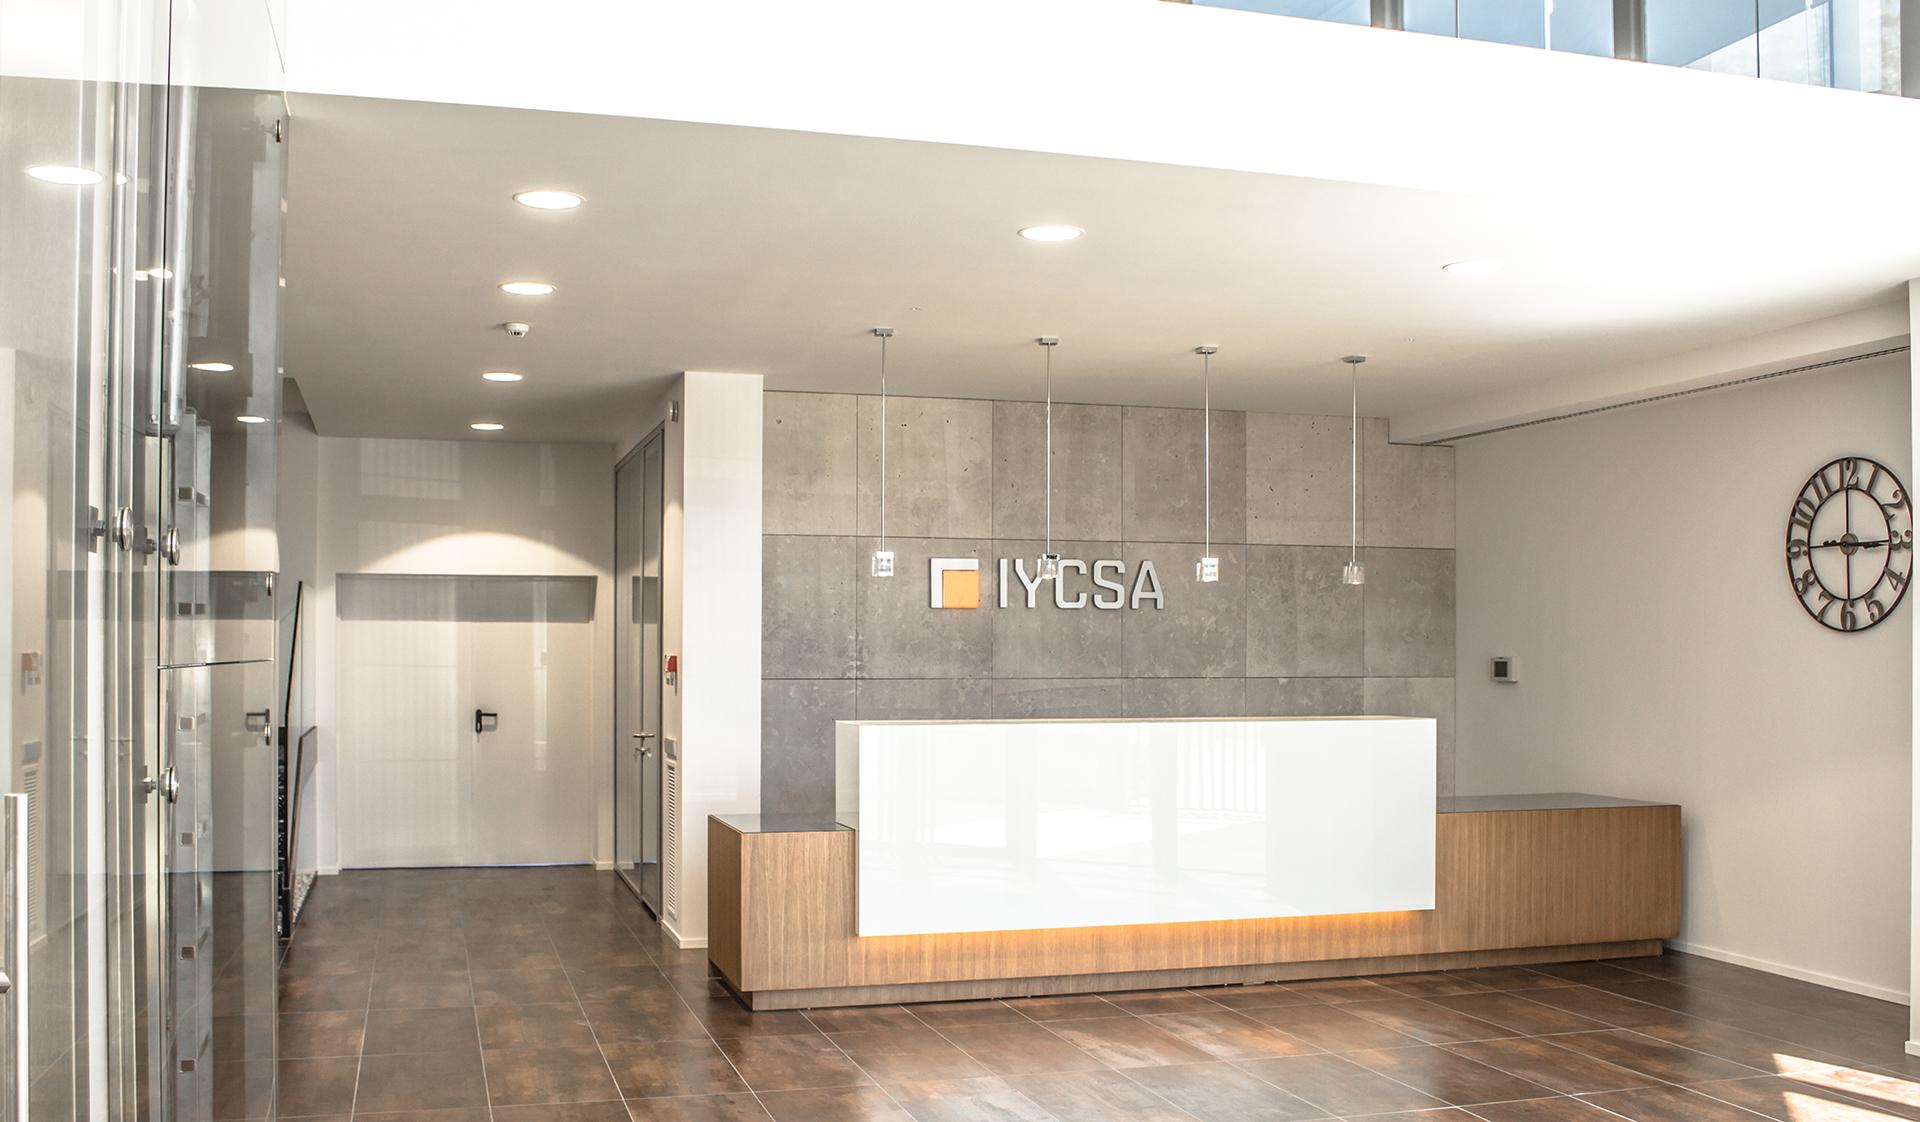 """IYCSA: """"La parte más bonita de nuestro trabajo es construir para las personas y aportar beneficio a la sociedad"""""""